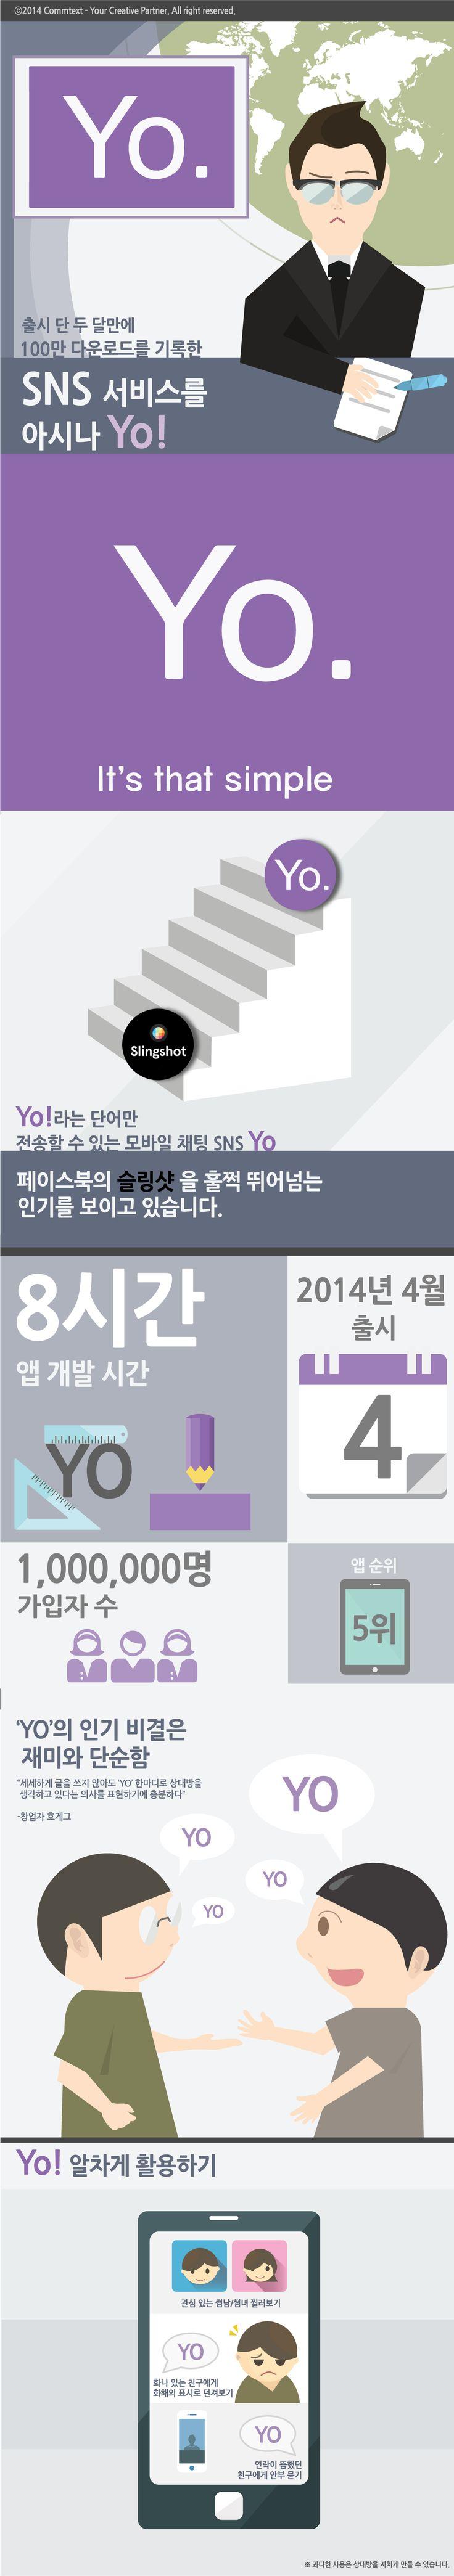 출시 단 두 달만에 100만 다운로드를 기록한 새로운 SNS 서비스를 아시나 'Yo!' ?  Have you heard about new SNS service that hit the record( 1 million hits) in 2 months?